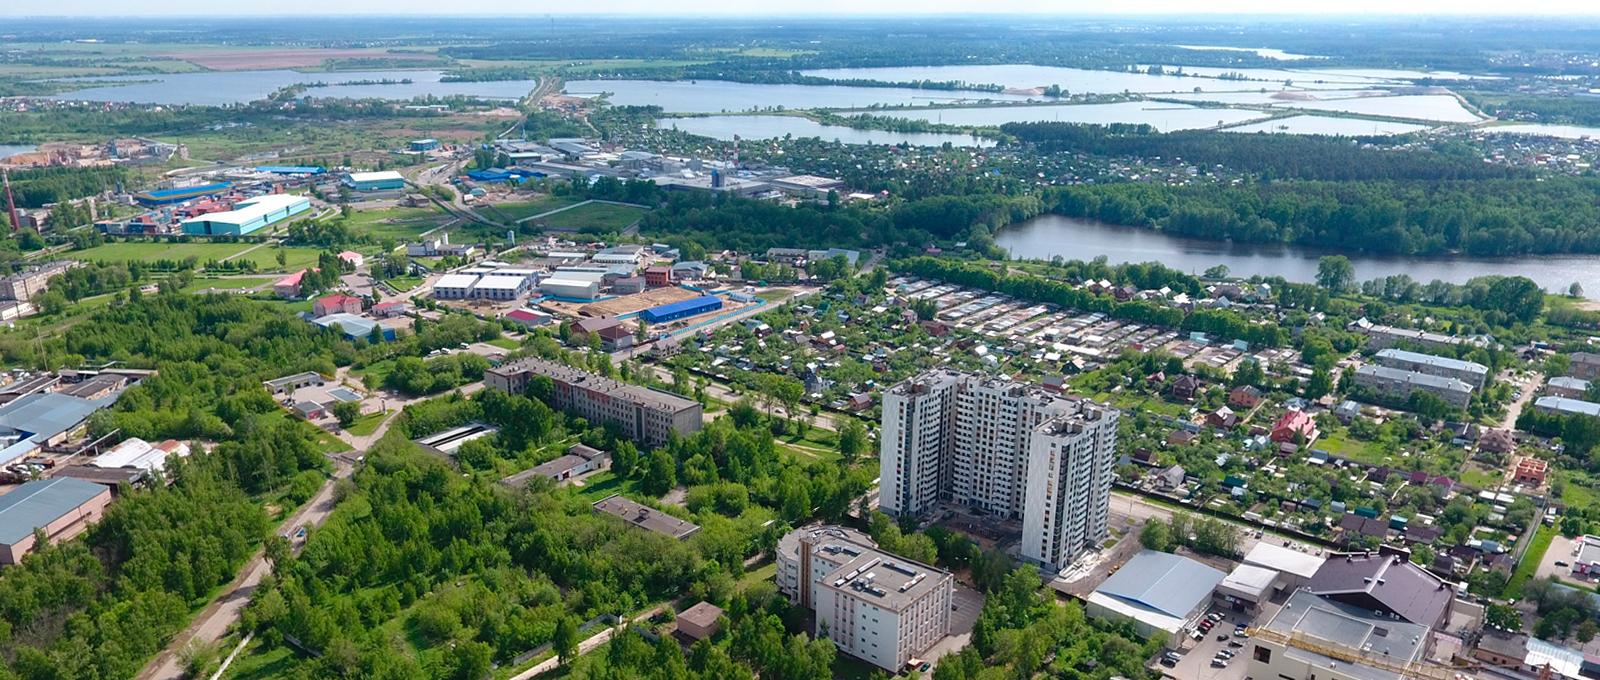 Отель для рыбаков рядом с Москвой, Ногинский района город Старая Купавна